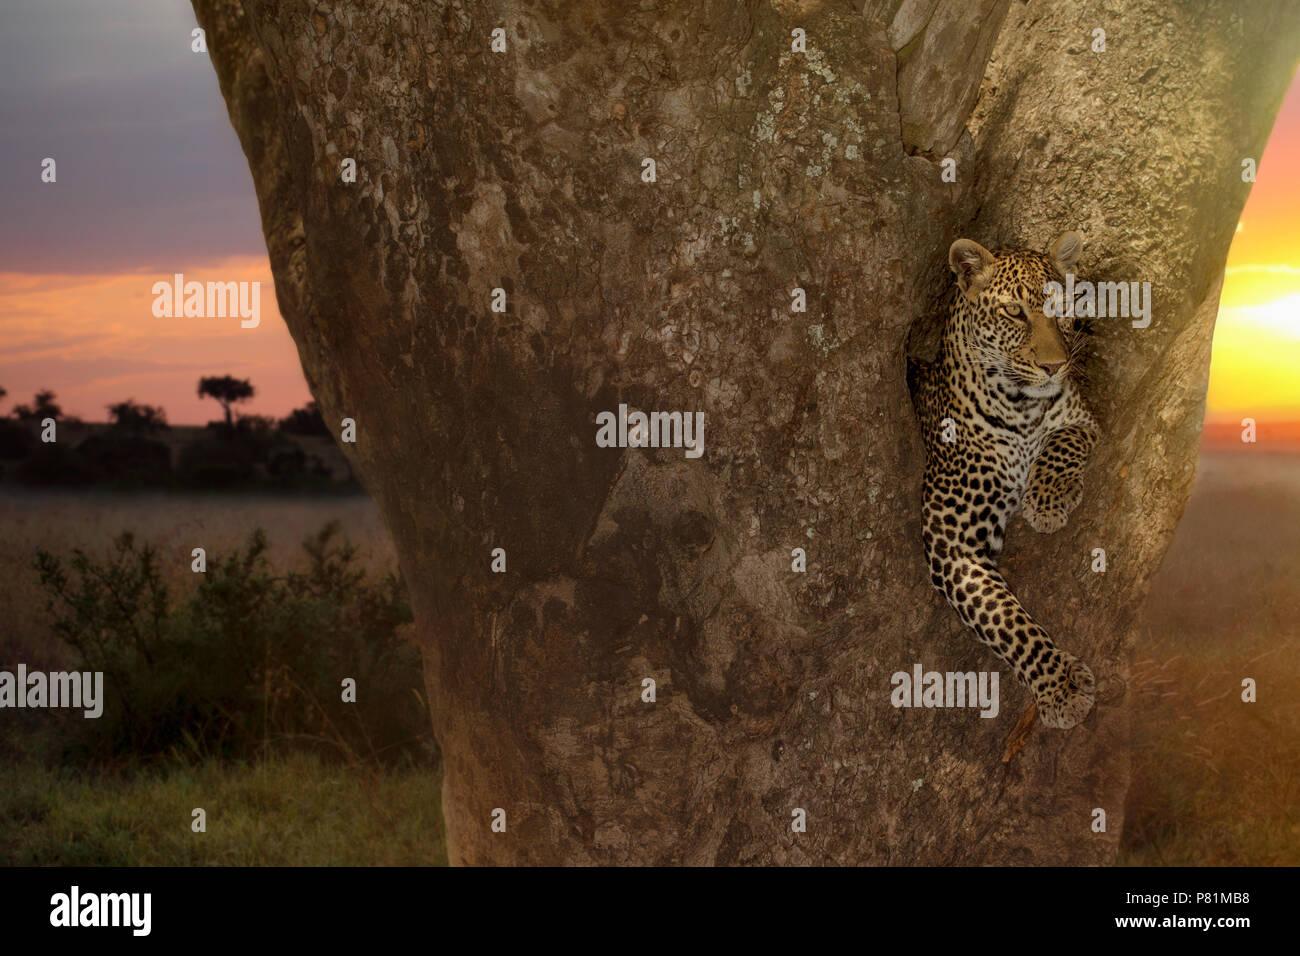 La più bella femmina di leopard in appoggio su una struttura ad albero di salsiccia durante il tramonto in Kenya Immagini Stock